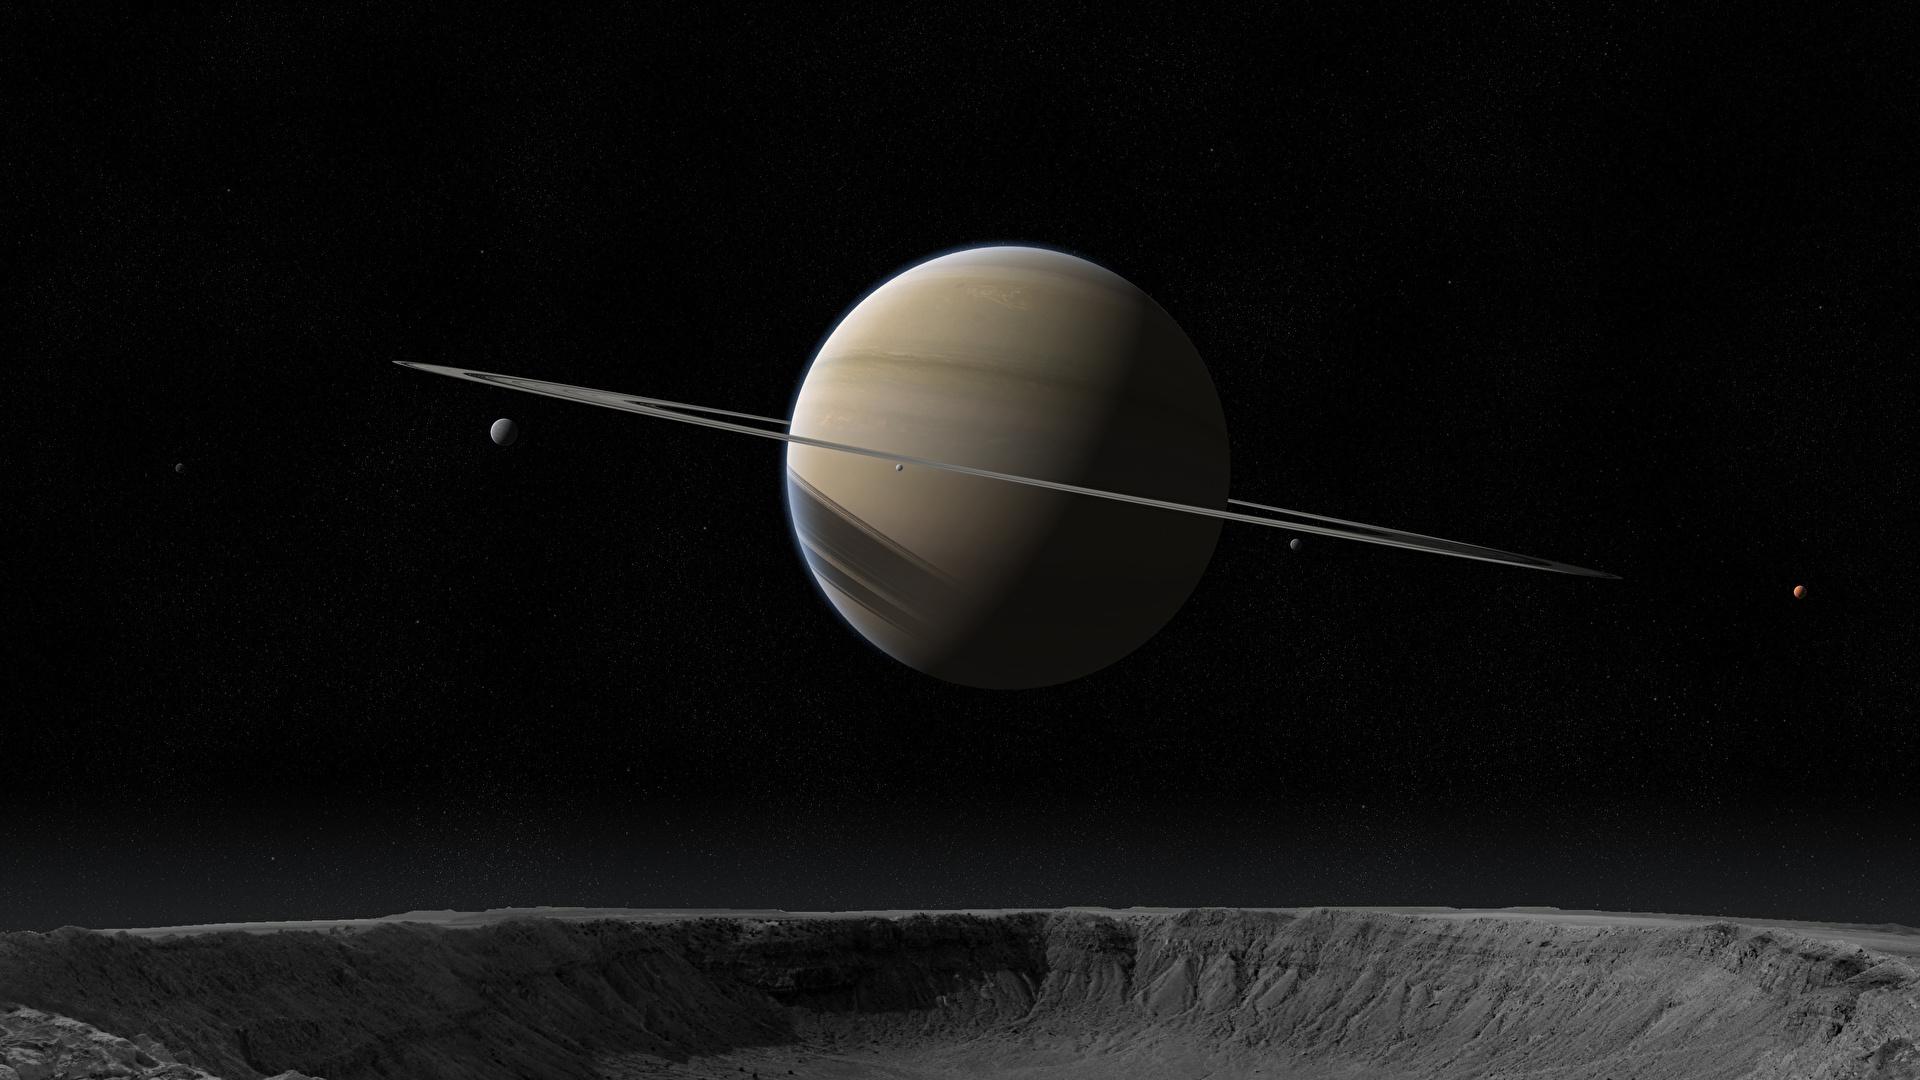 壁紙 19x1080 惑星 土星 環 天体 宇宙空間 3dグラフィックス ダウンロード 写真